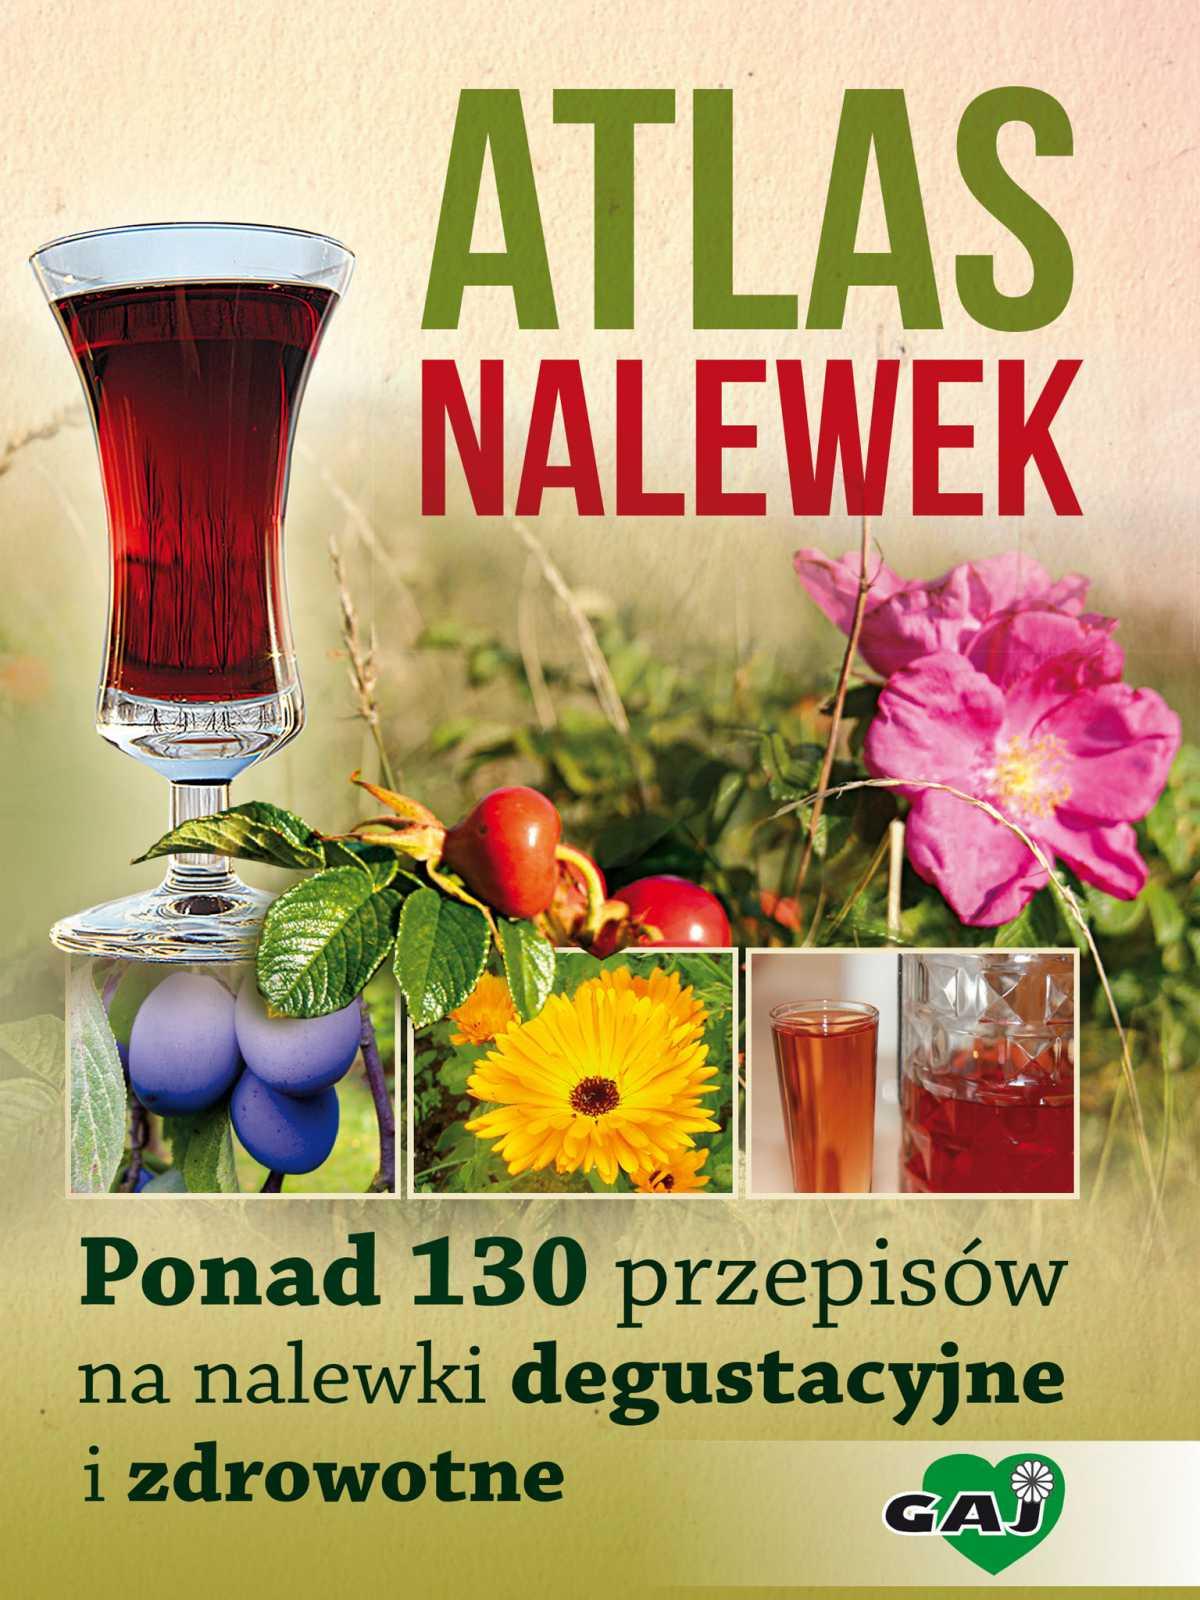 Atlas nalewek. Ponad 130 przepisów na nalewki degustacyjne i zdrowotne - Ebook (Książka EPUB) do pobrania w formacie EPUB